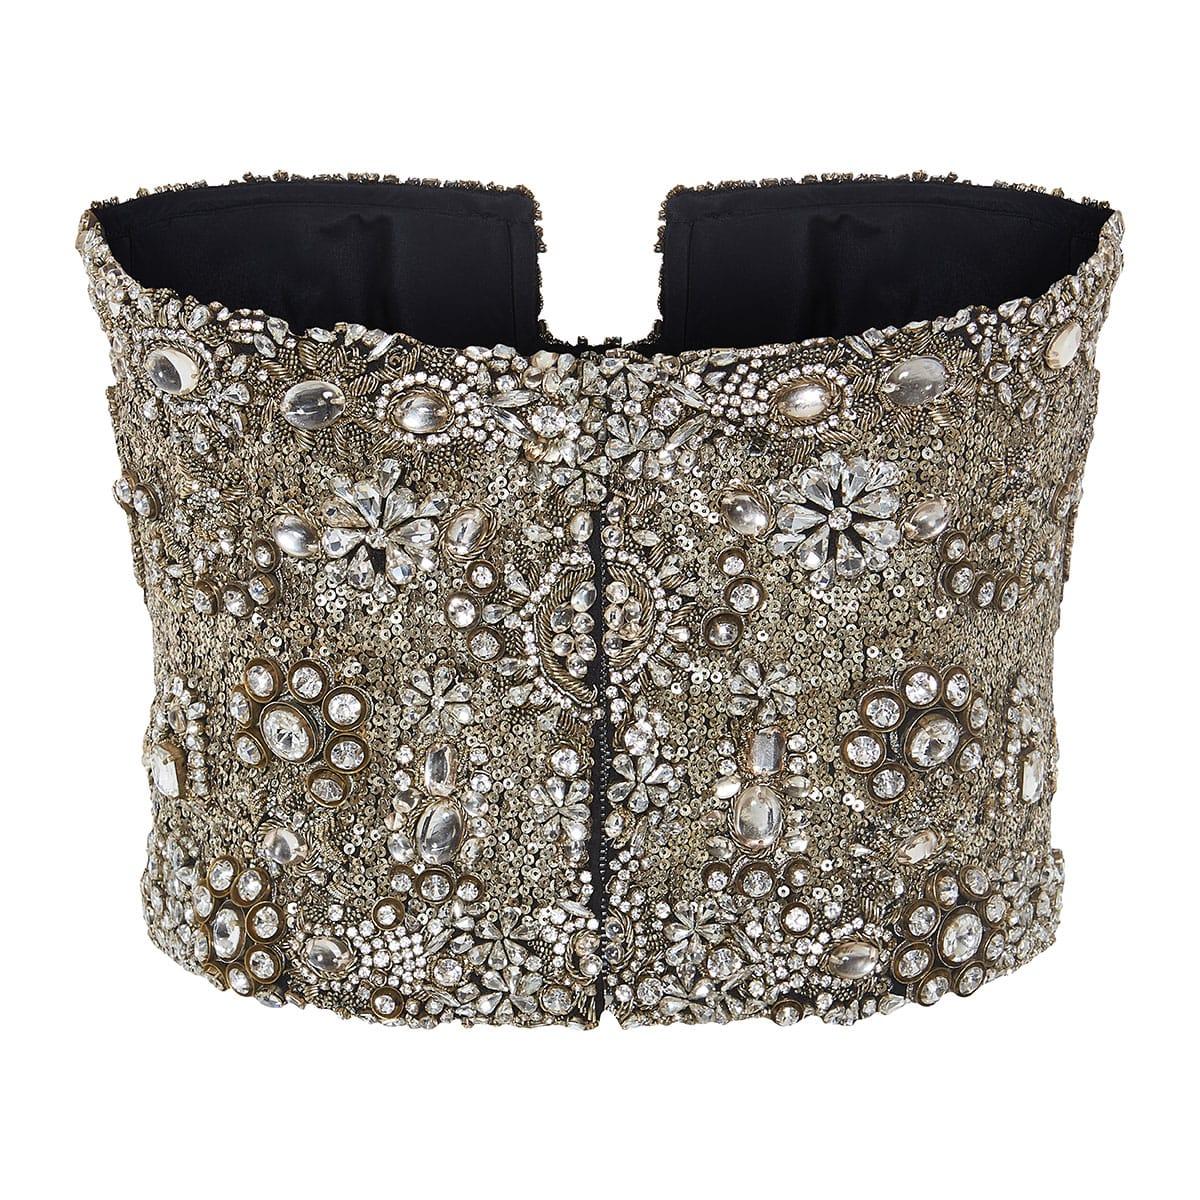 Crystal-embellished bustier top